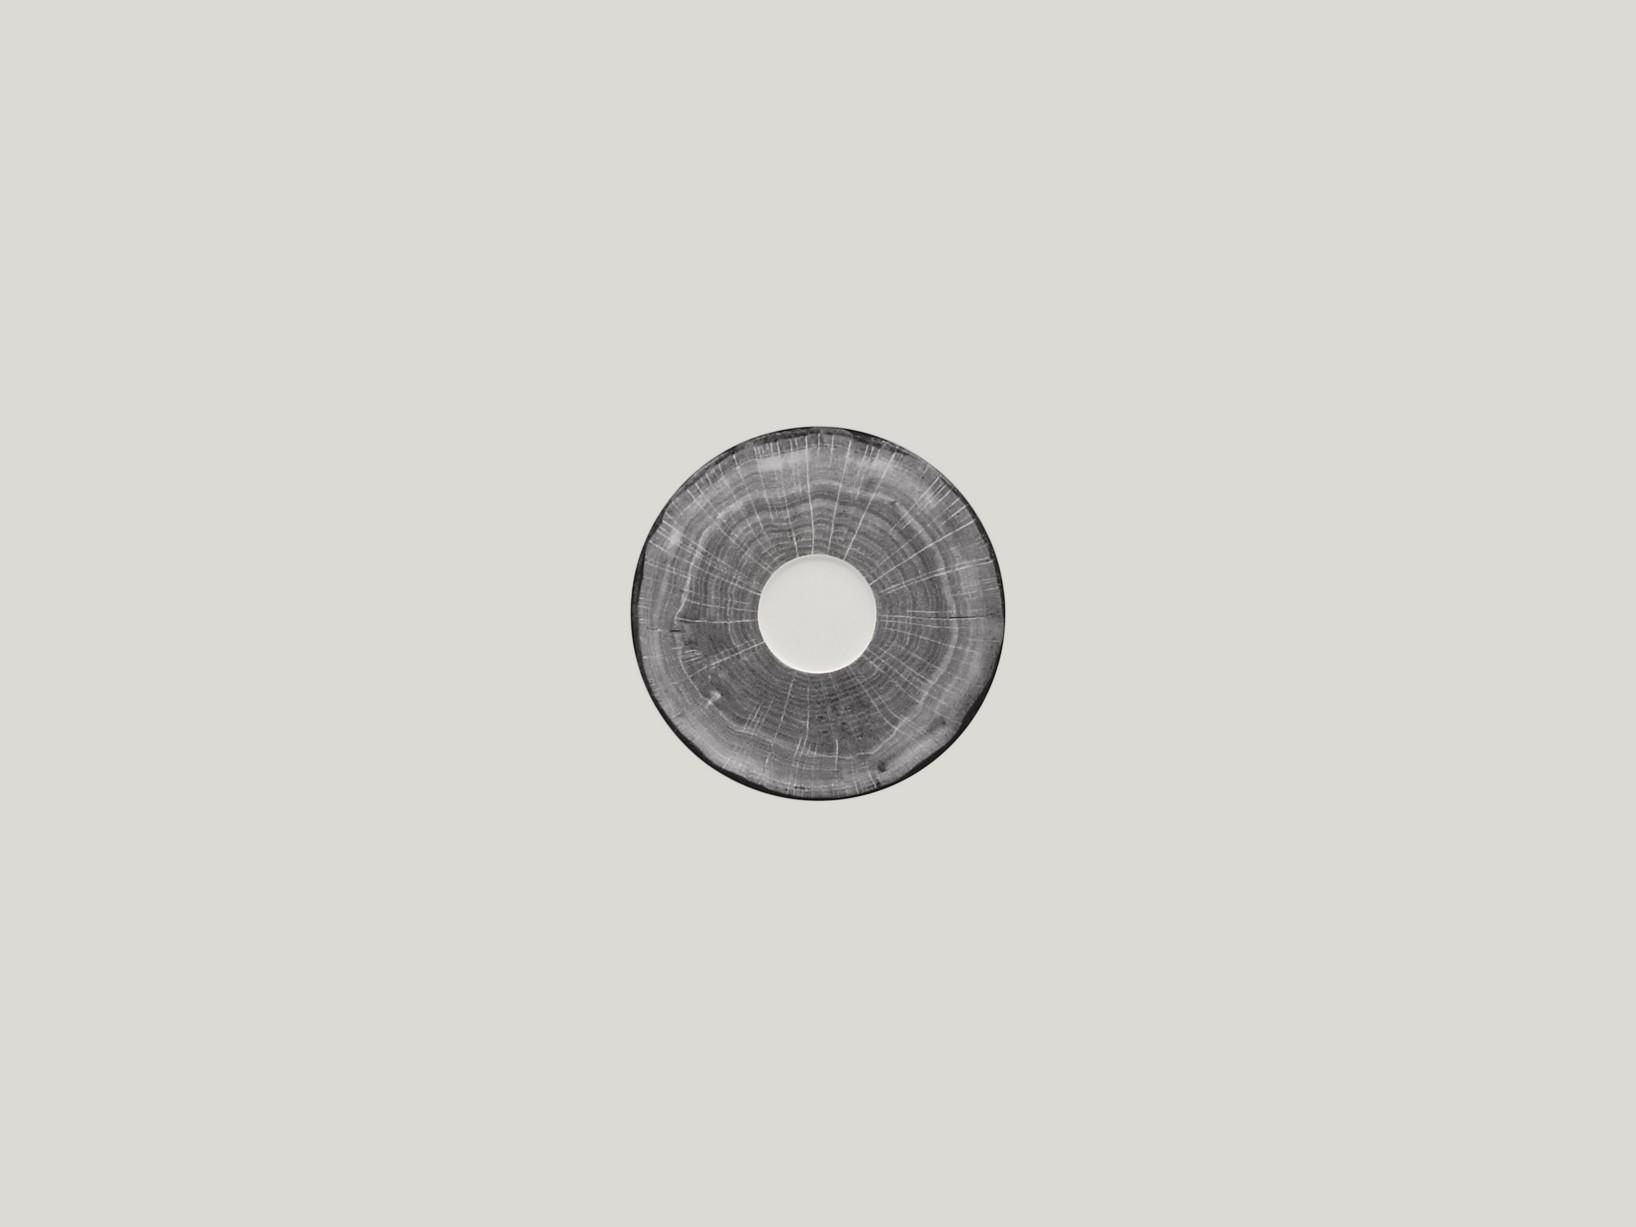 Podšálek pro šálek na espresso CLCU09 – šedá